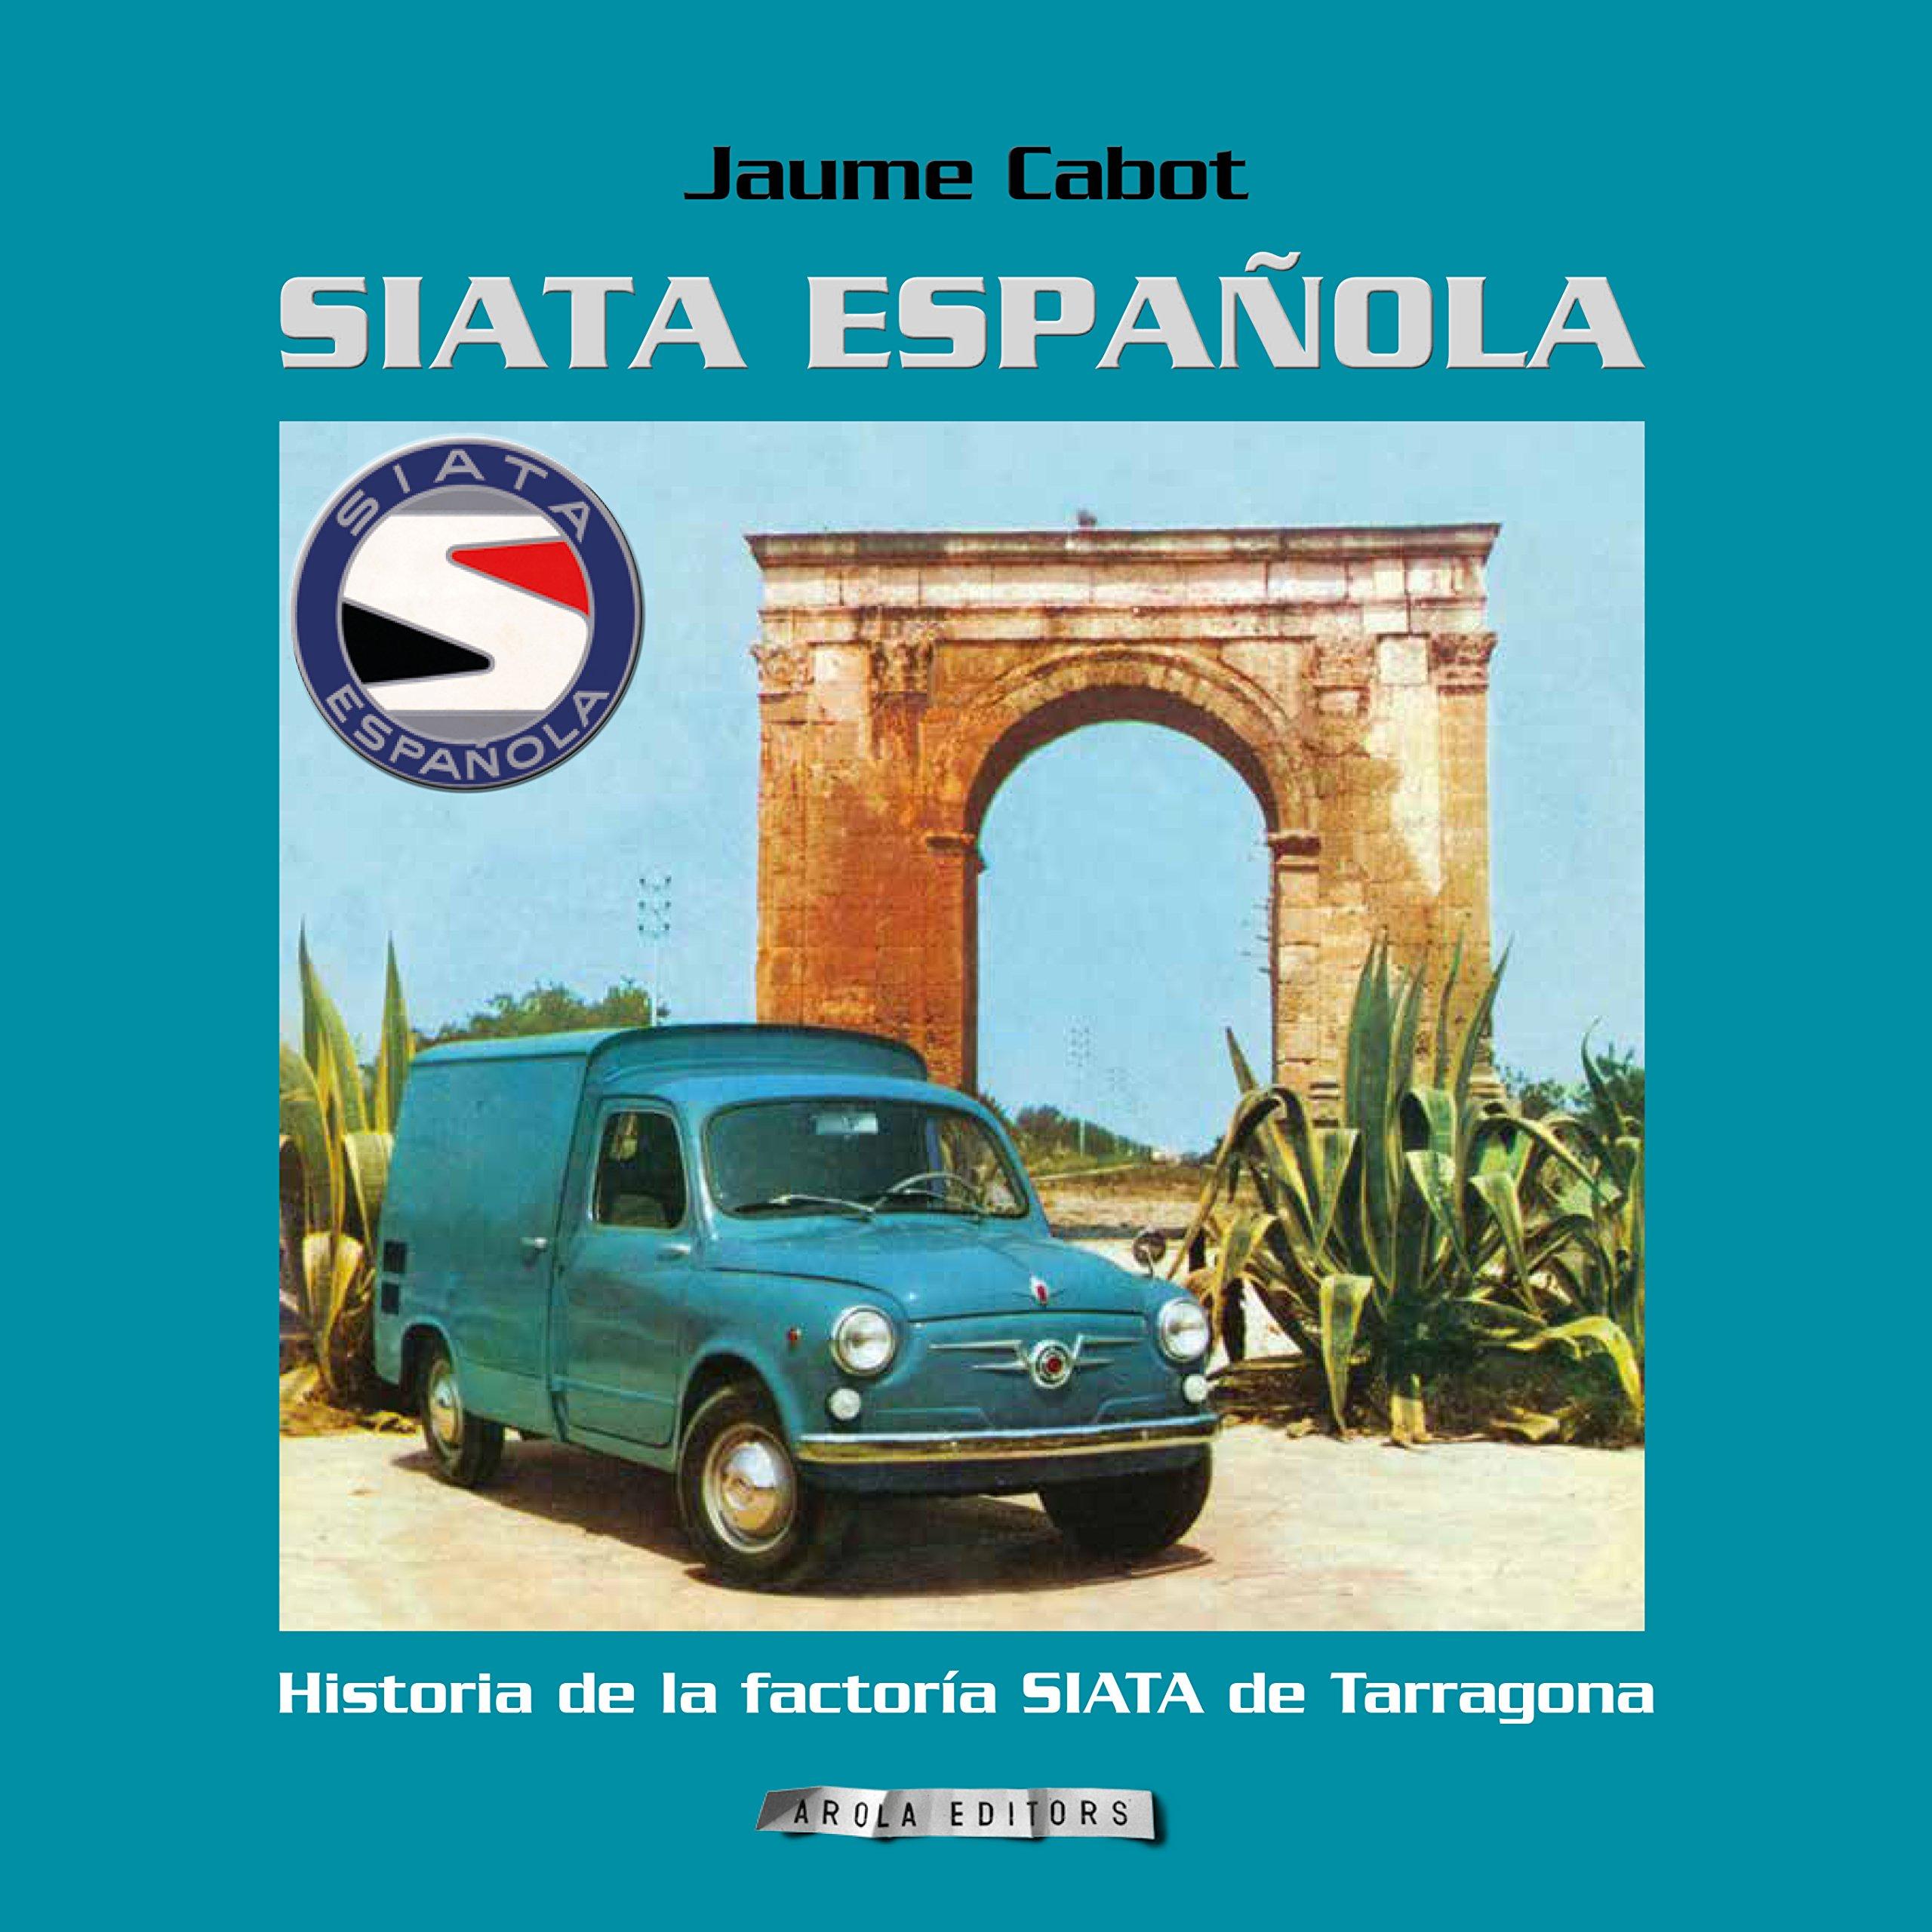 Siata Española: Amazon.es: Cabot, Jaume: Libros